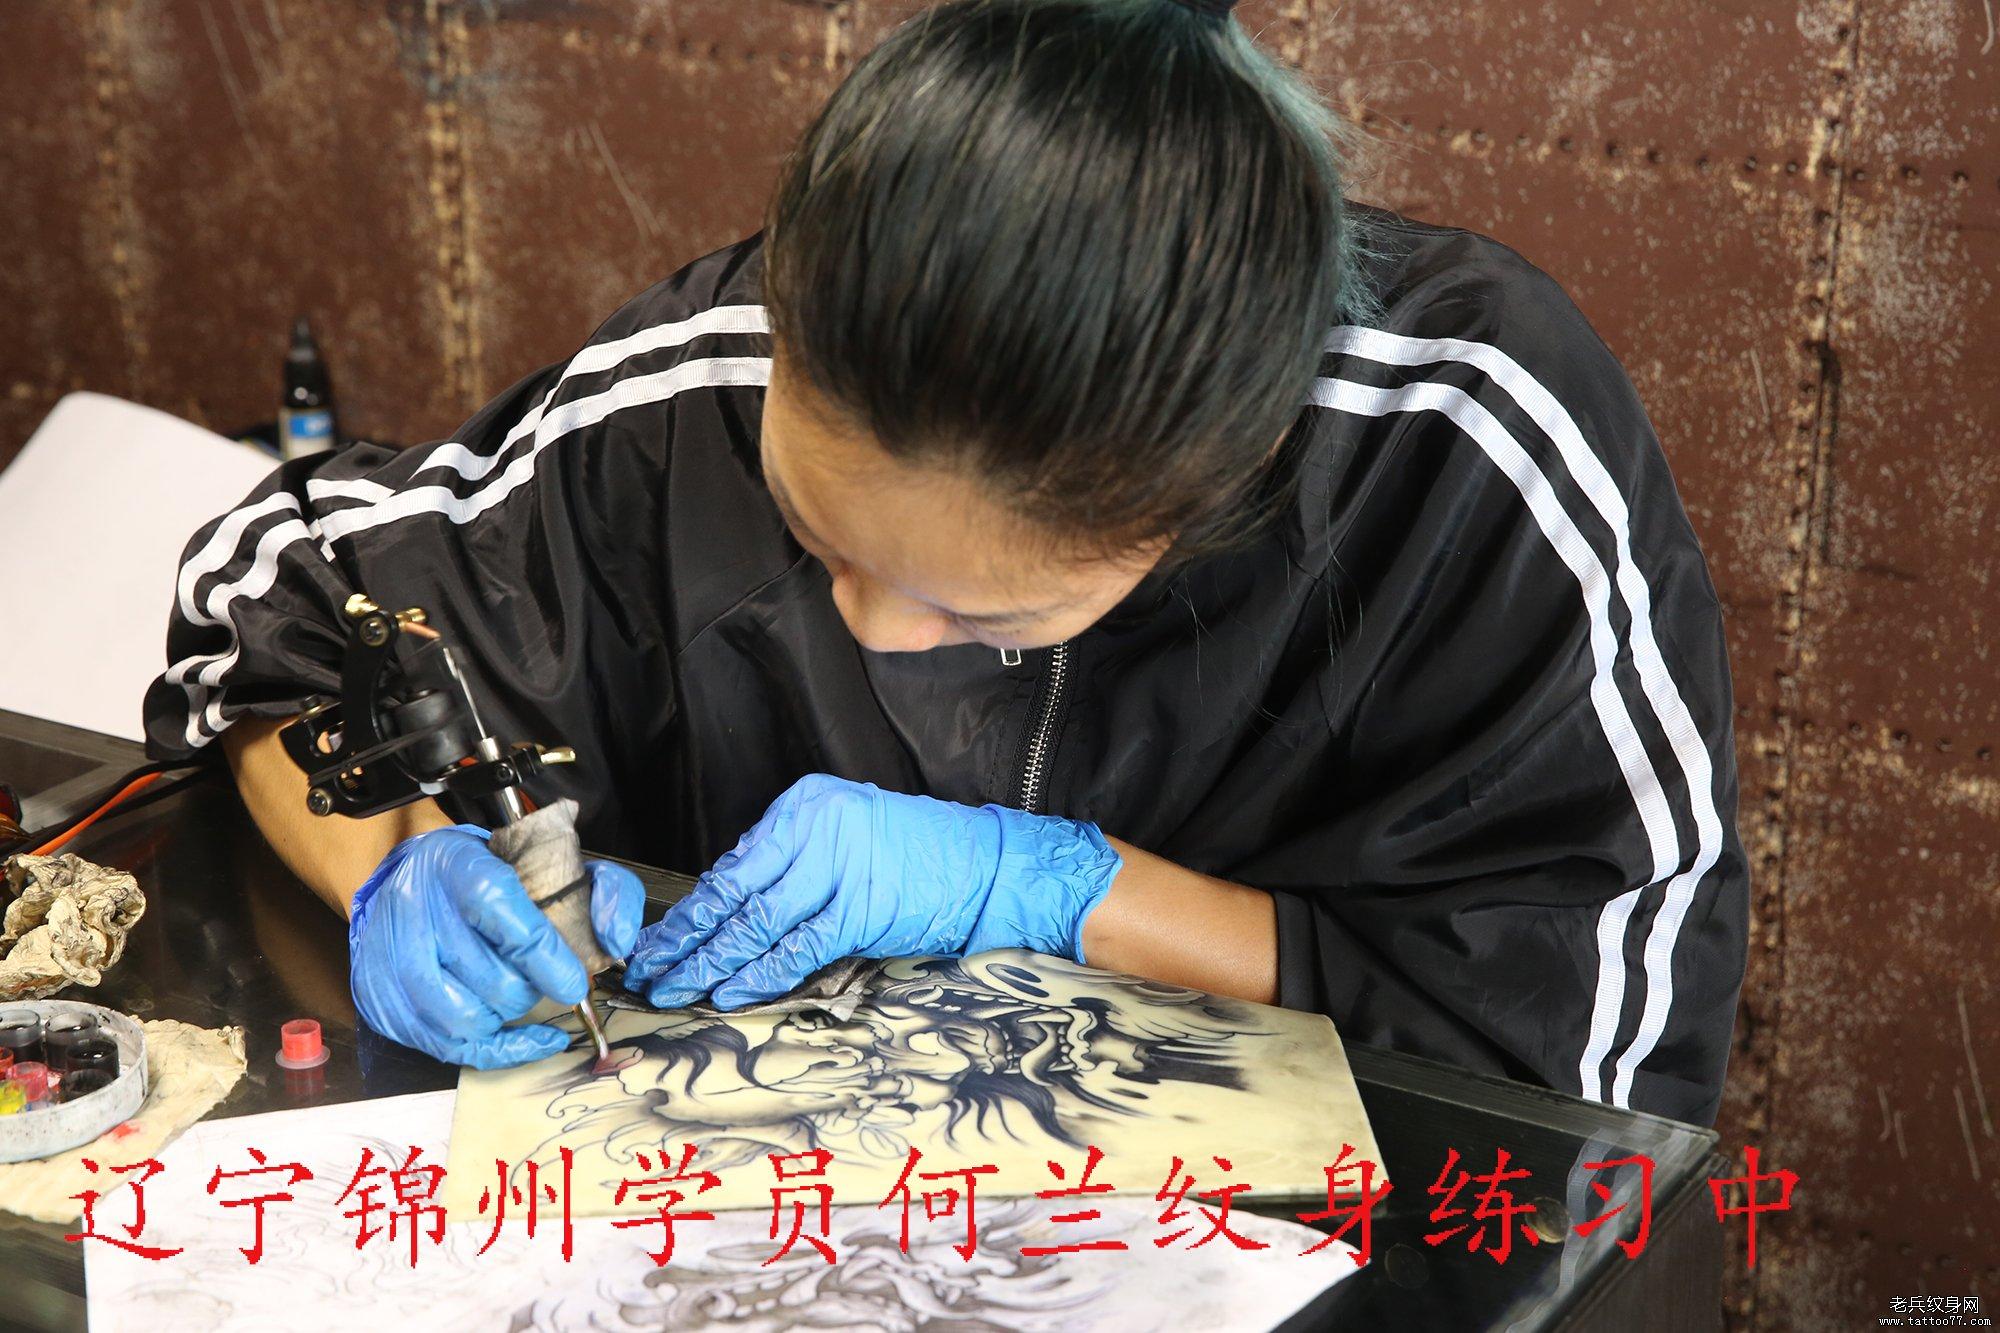 辽宁锦州学员何兰纹身练习中